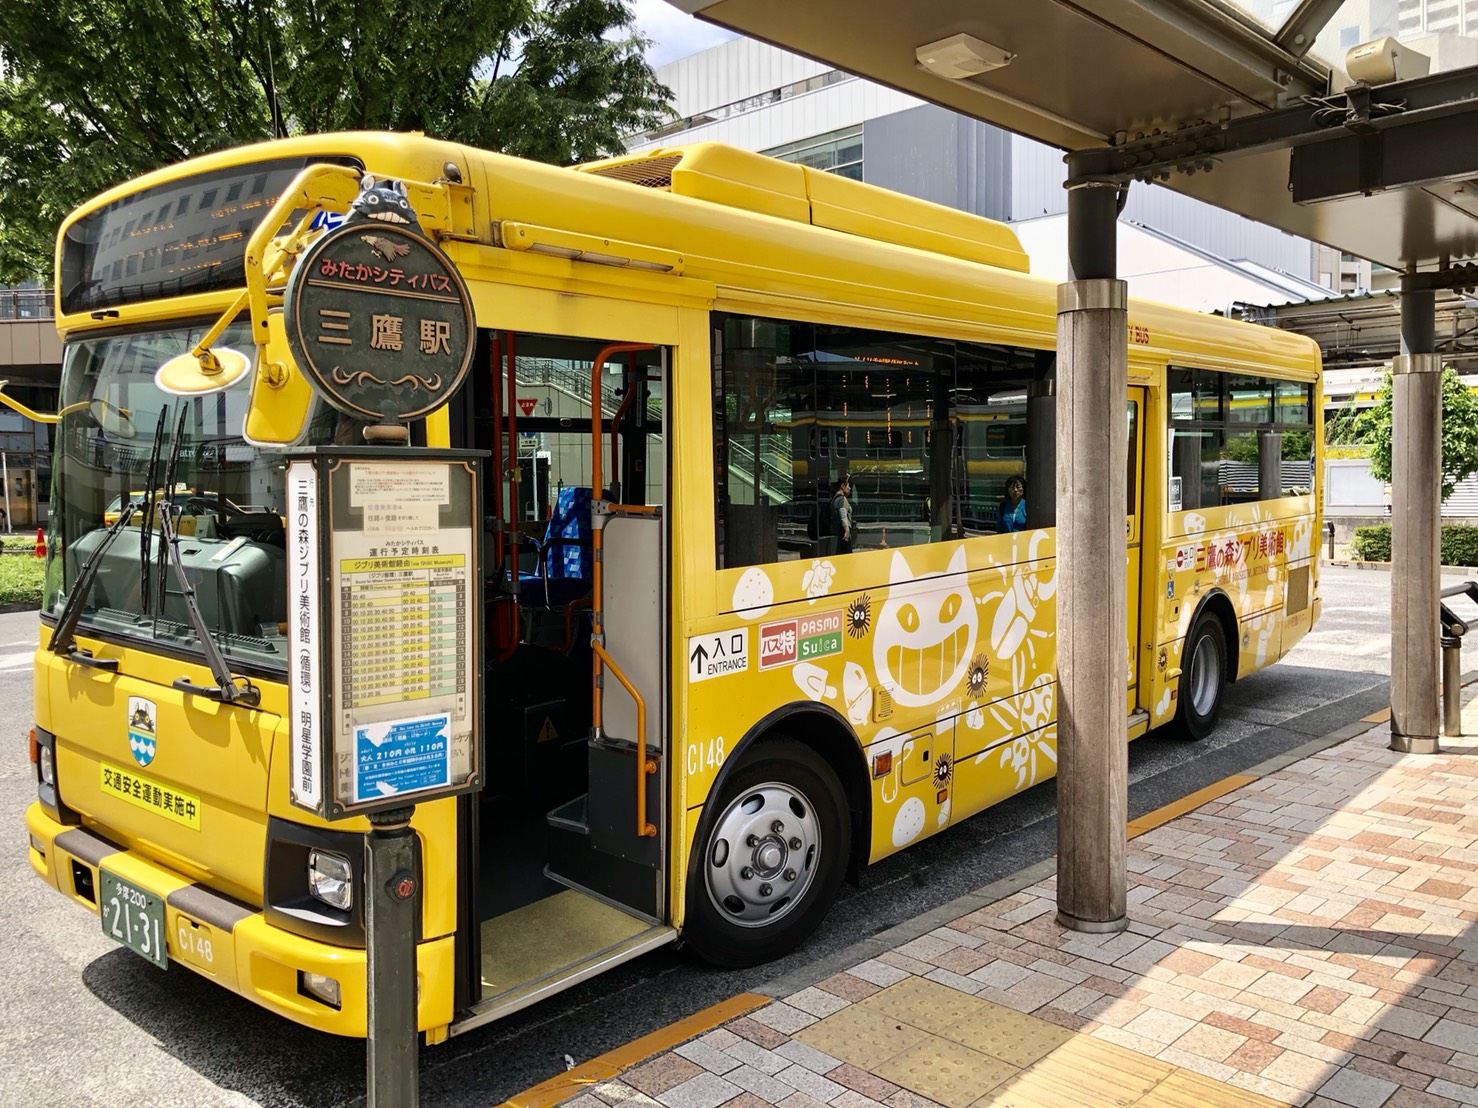 ジブリ美術館行きのバス